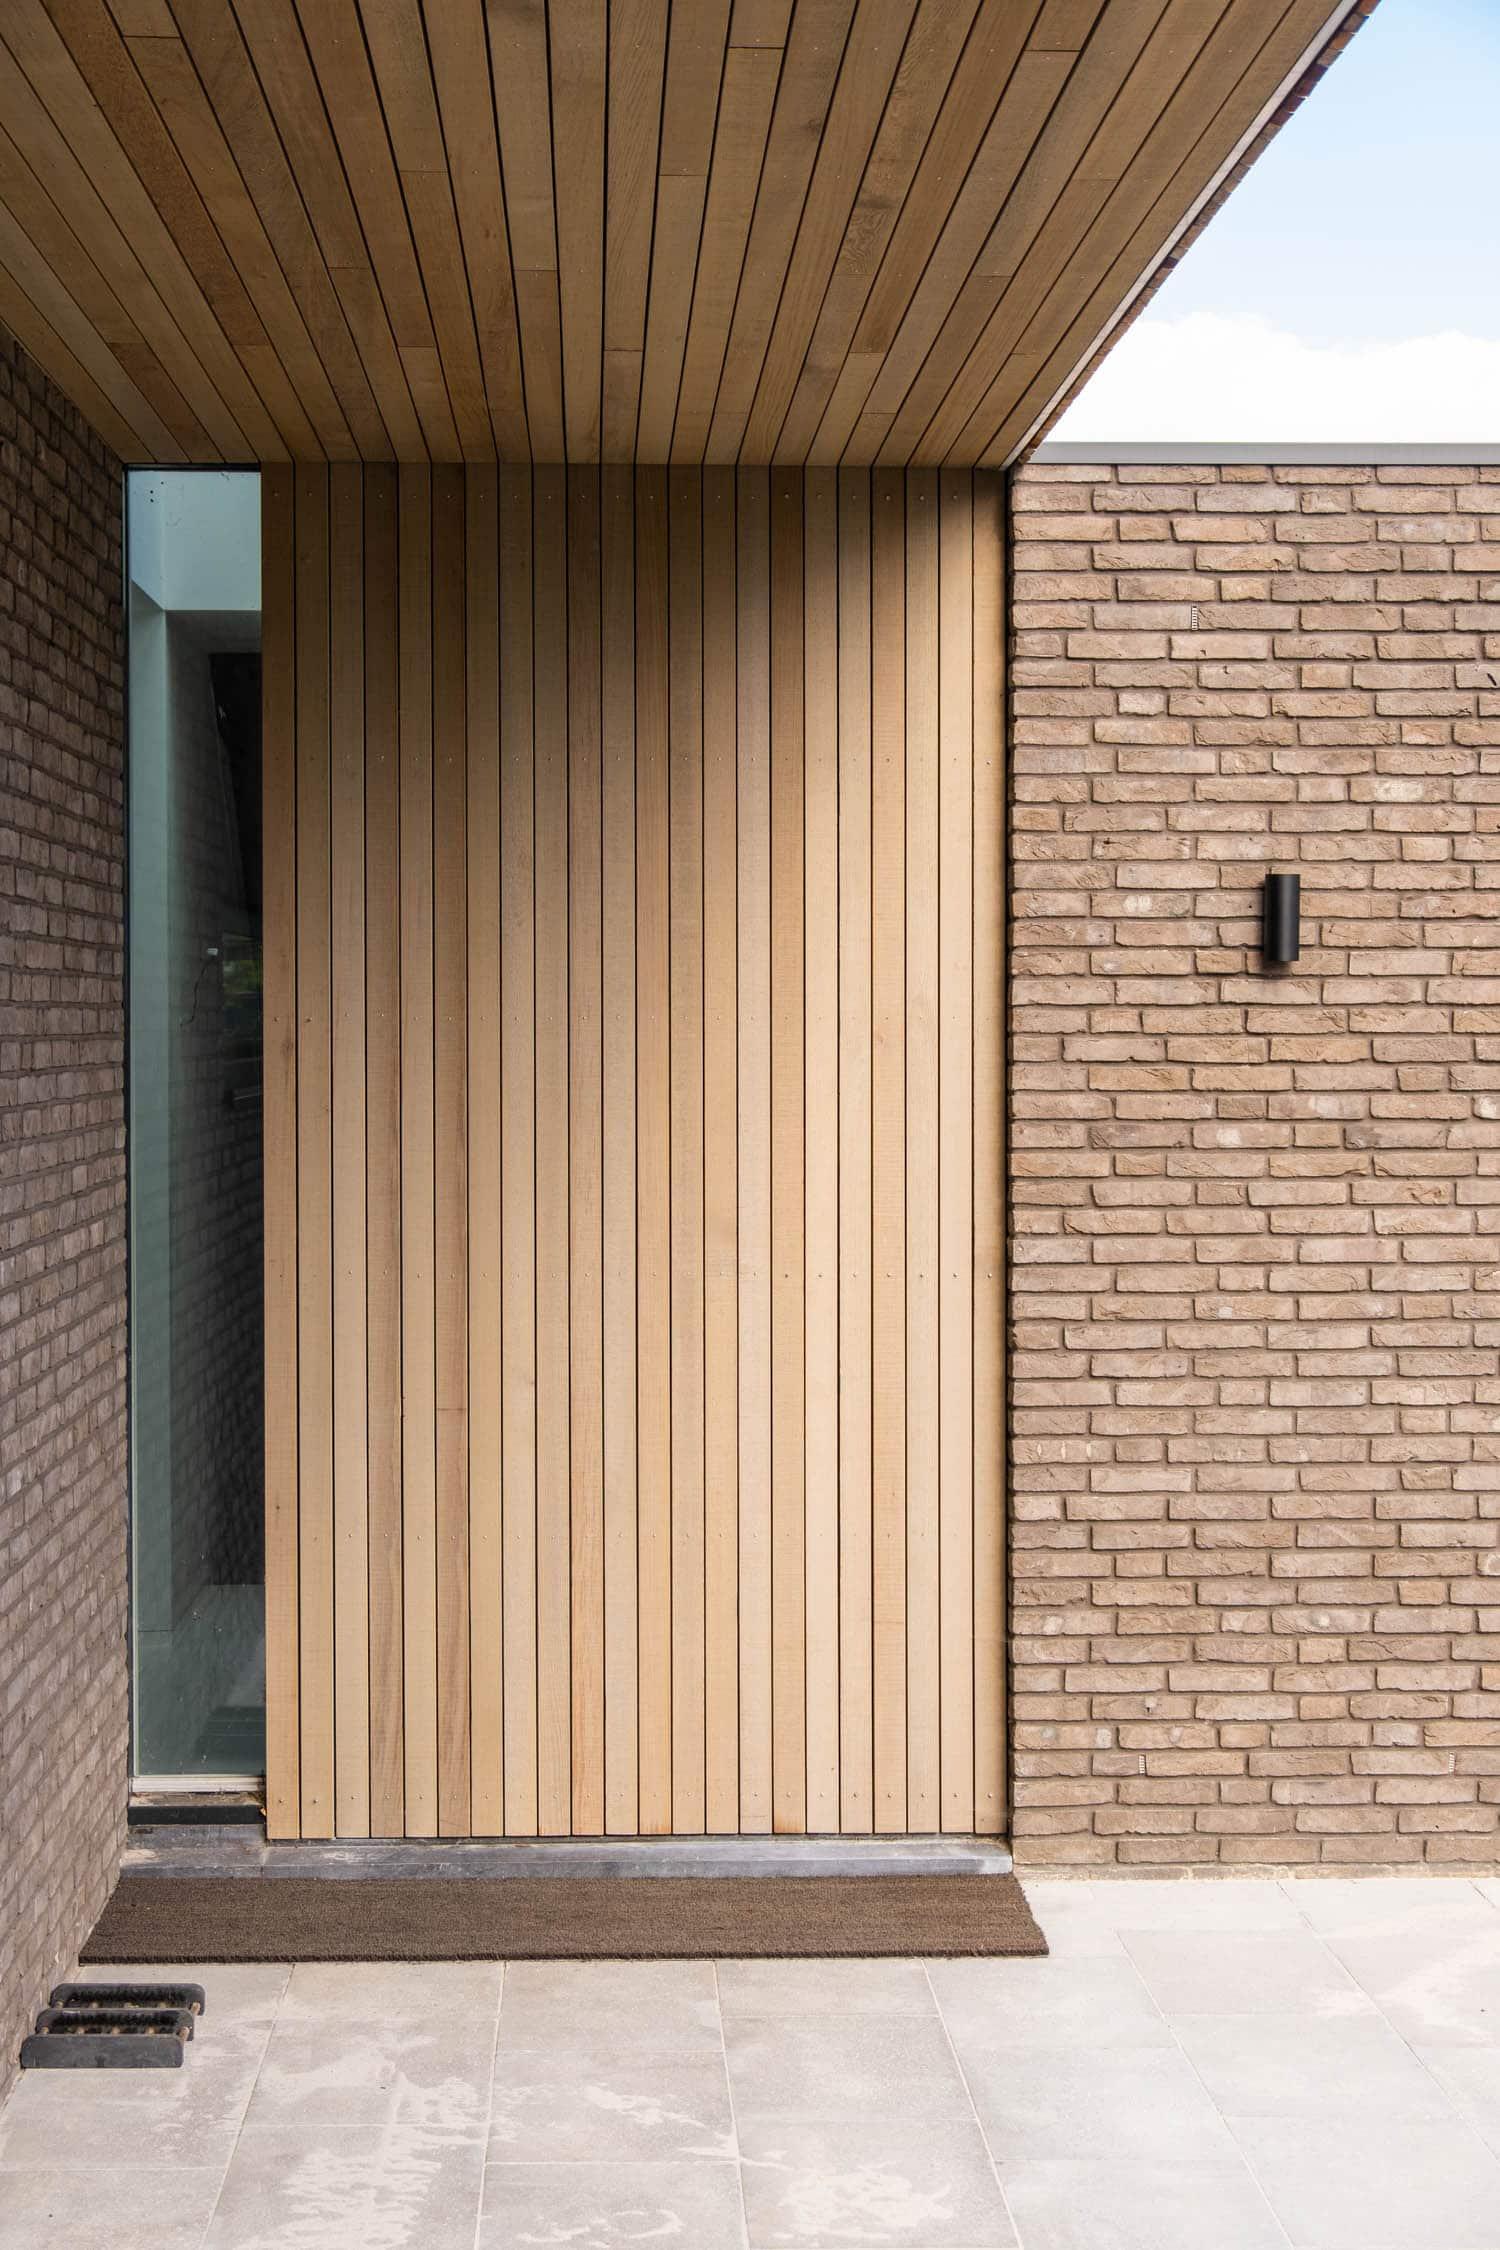 van-Os-architecten-nieuwbouw-woning-Westergouw-Teteringen-moderne-vrijstaande-villa-houten-delen-plafond-doorlopend-in-entreedeur